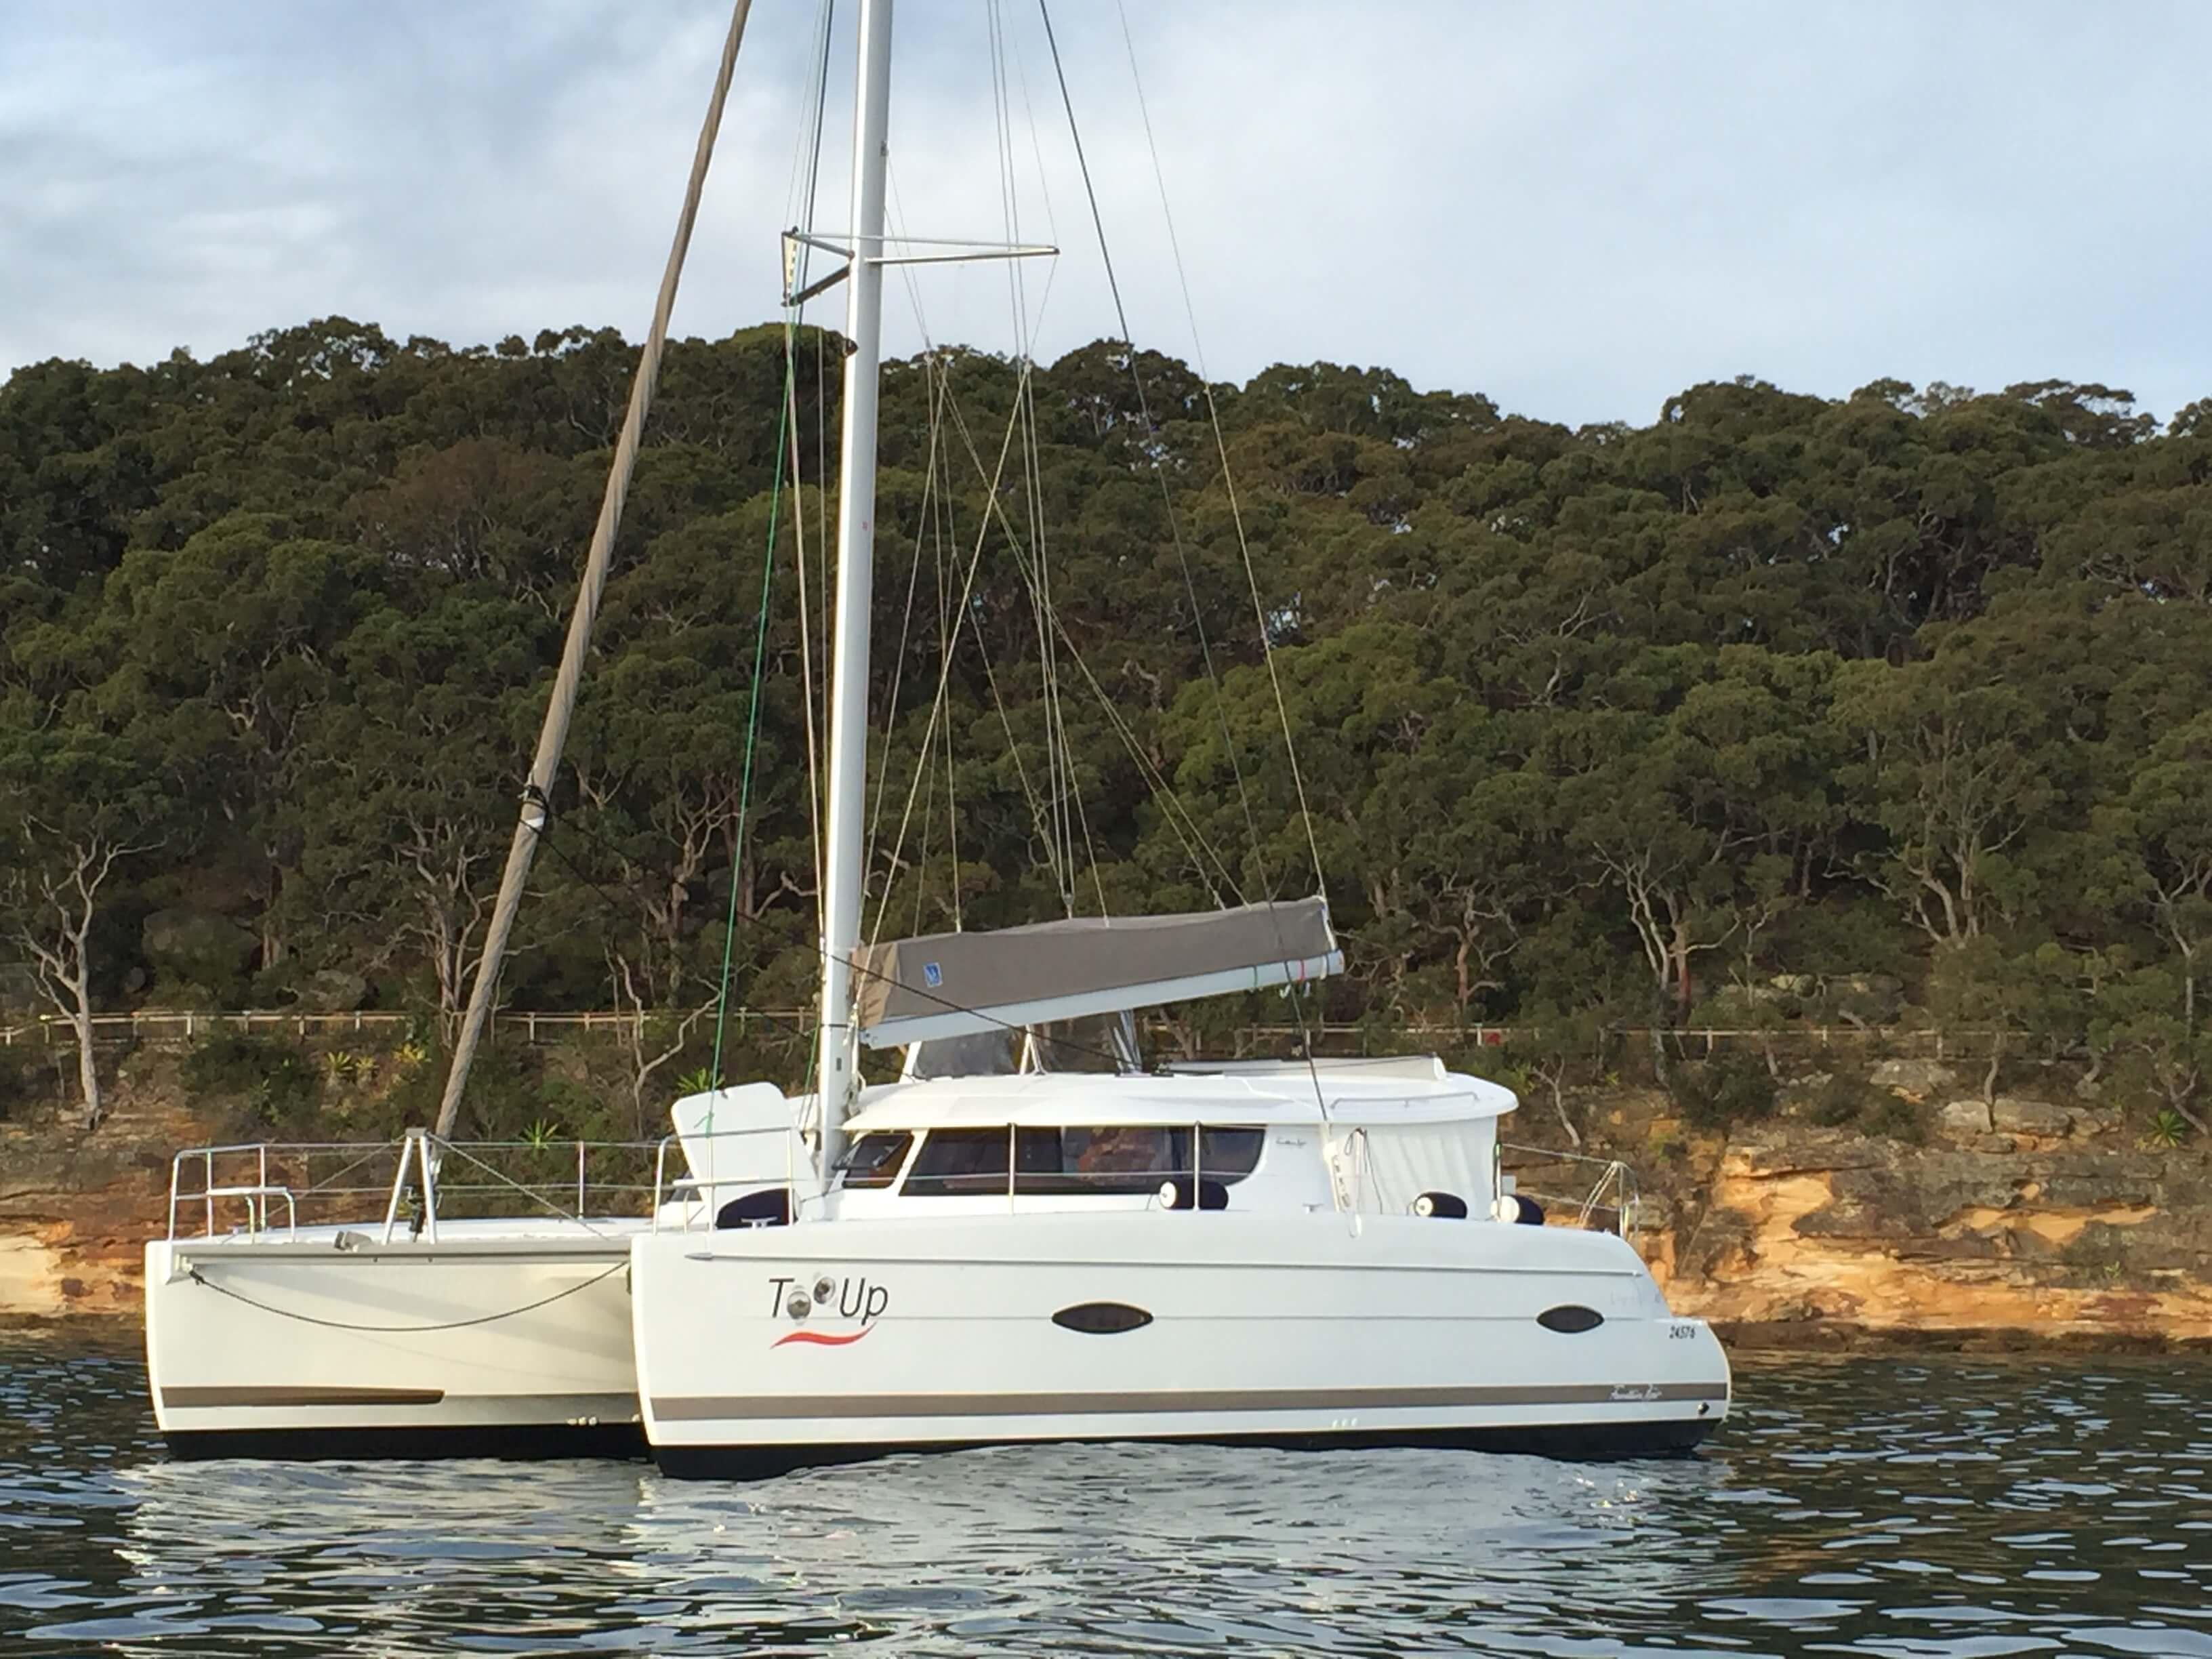 Sydney Hobart Sailing Boxing Day